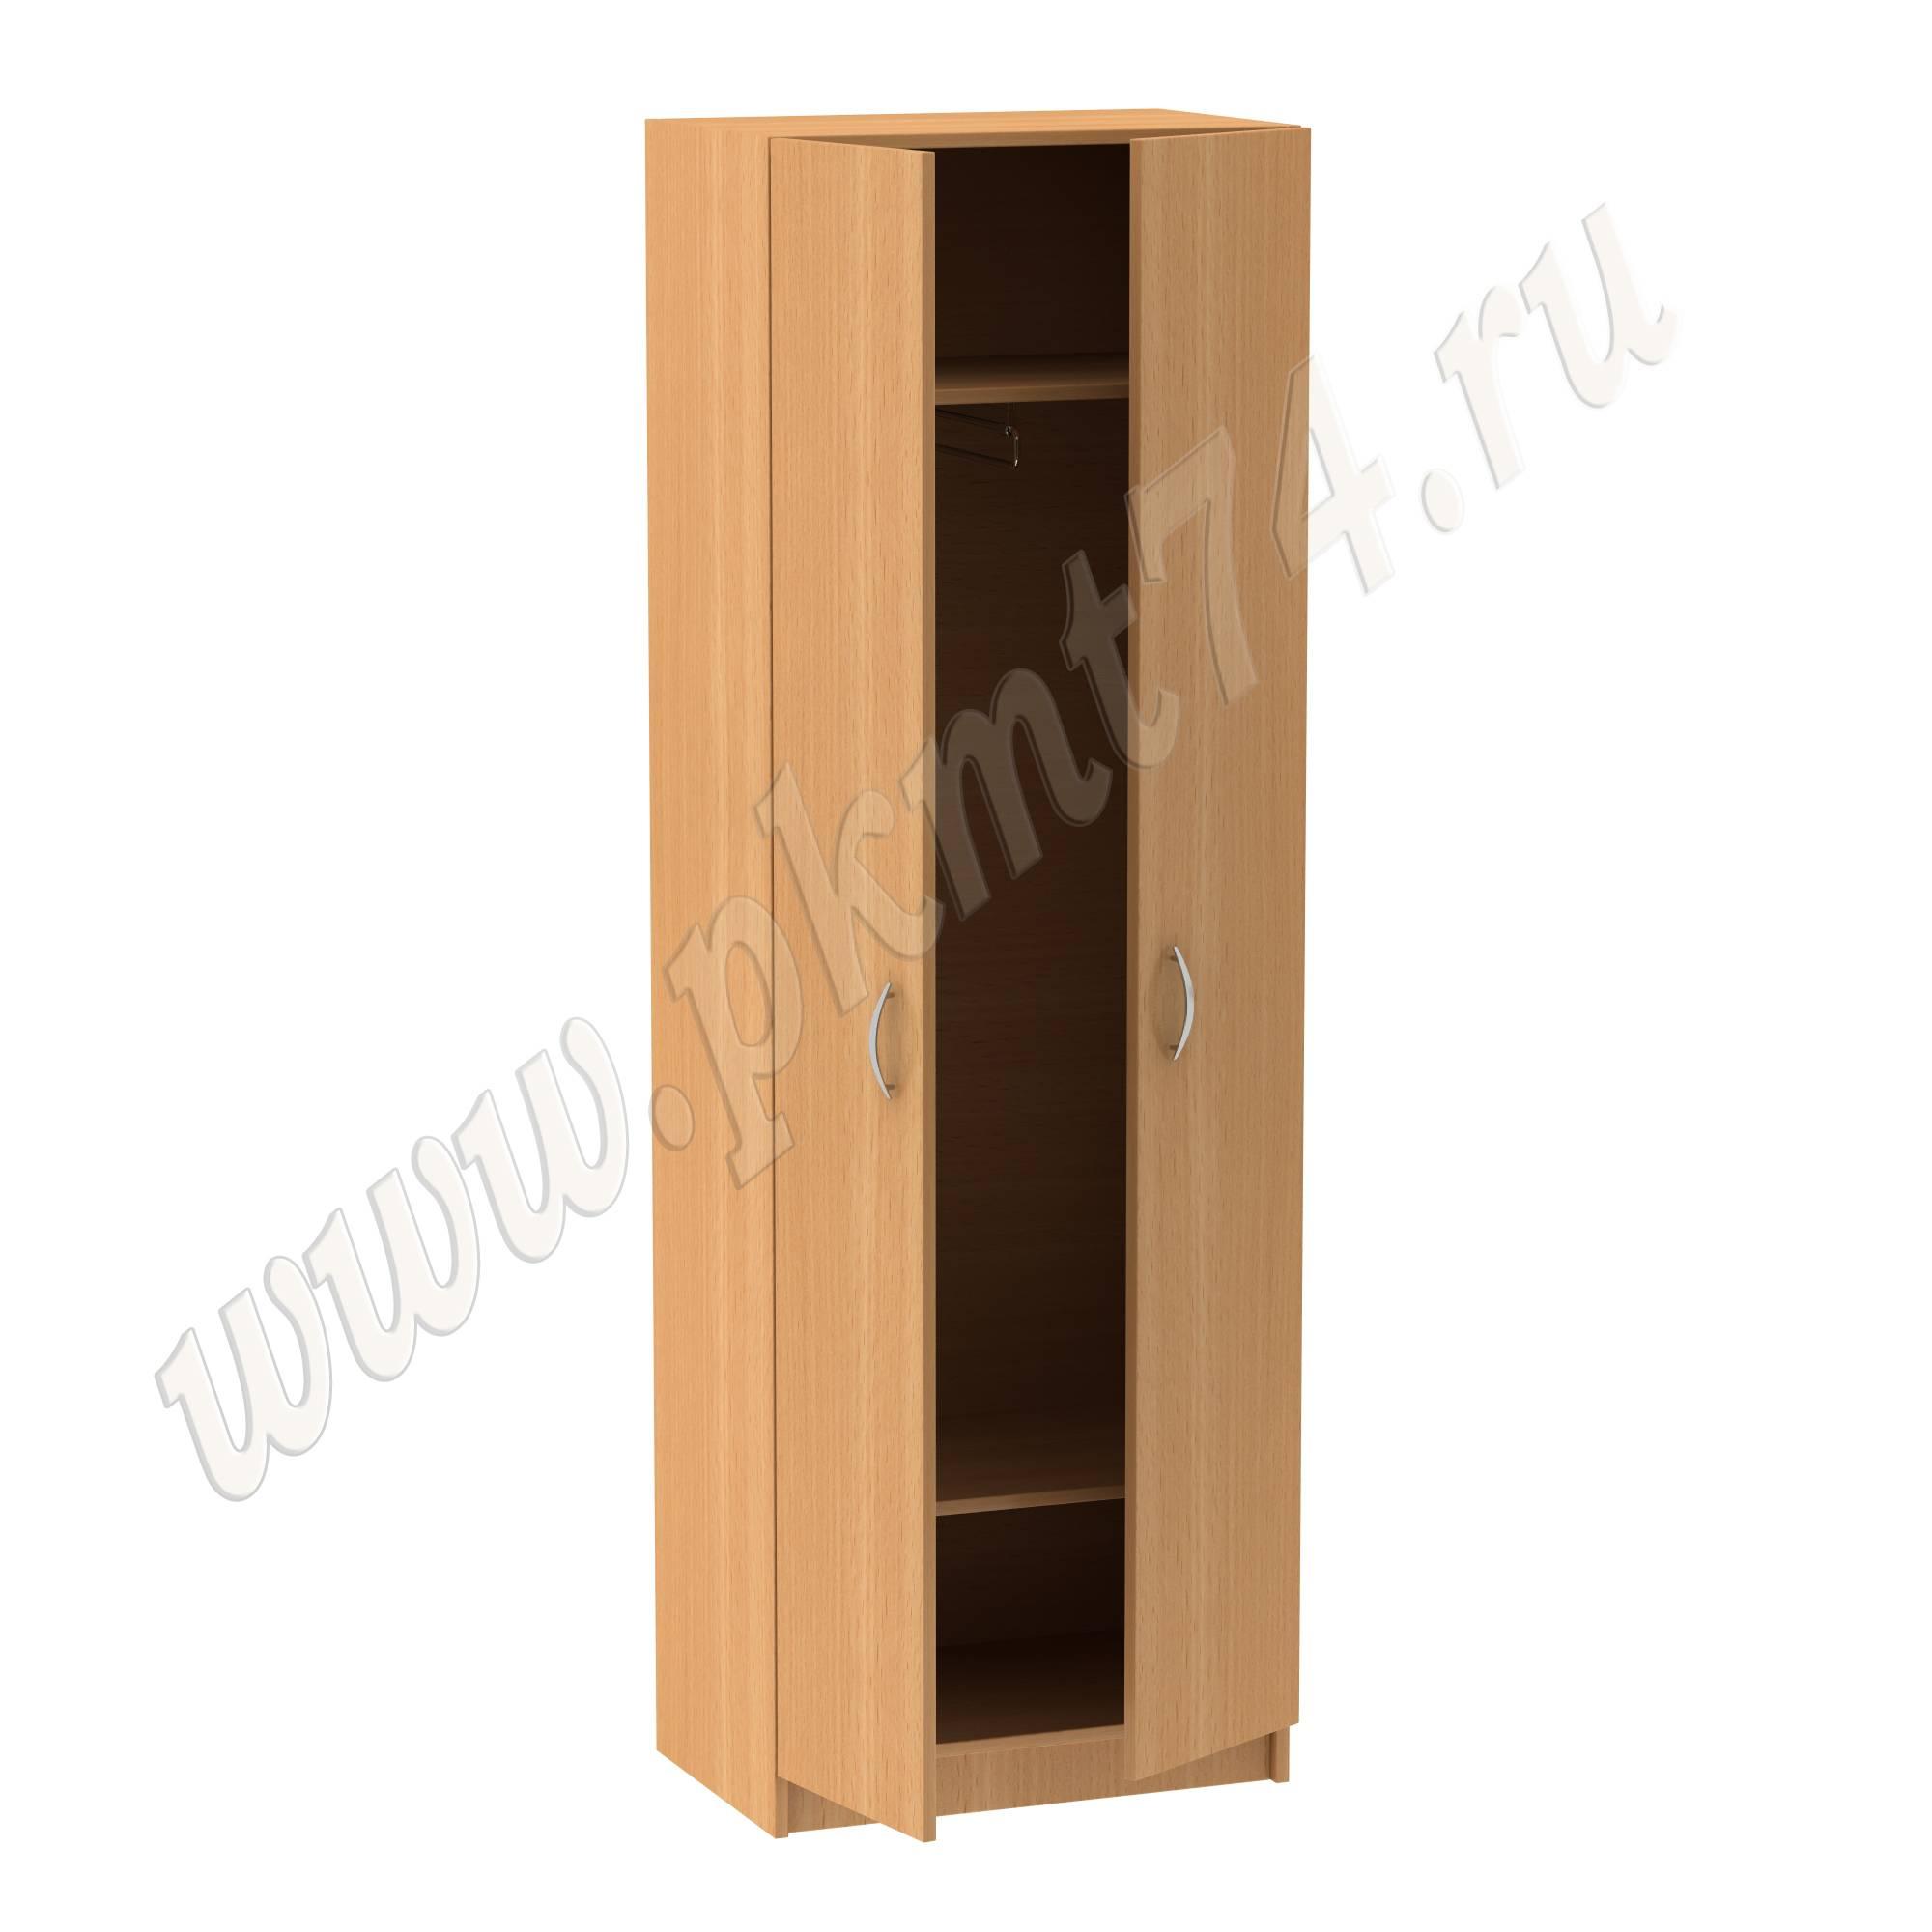 Шкаф для одежды узкий, с выкатываемой штангой МТ 14-6 Бук